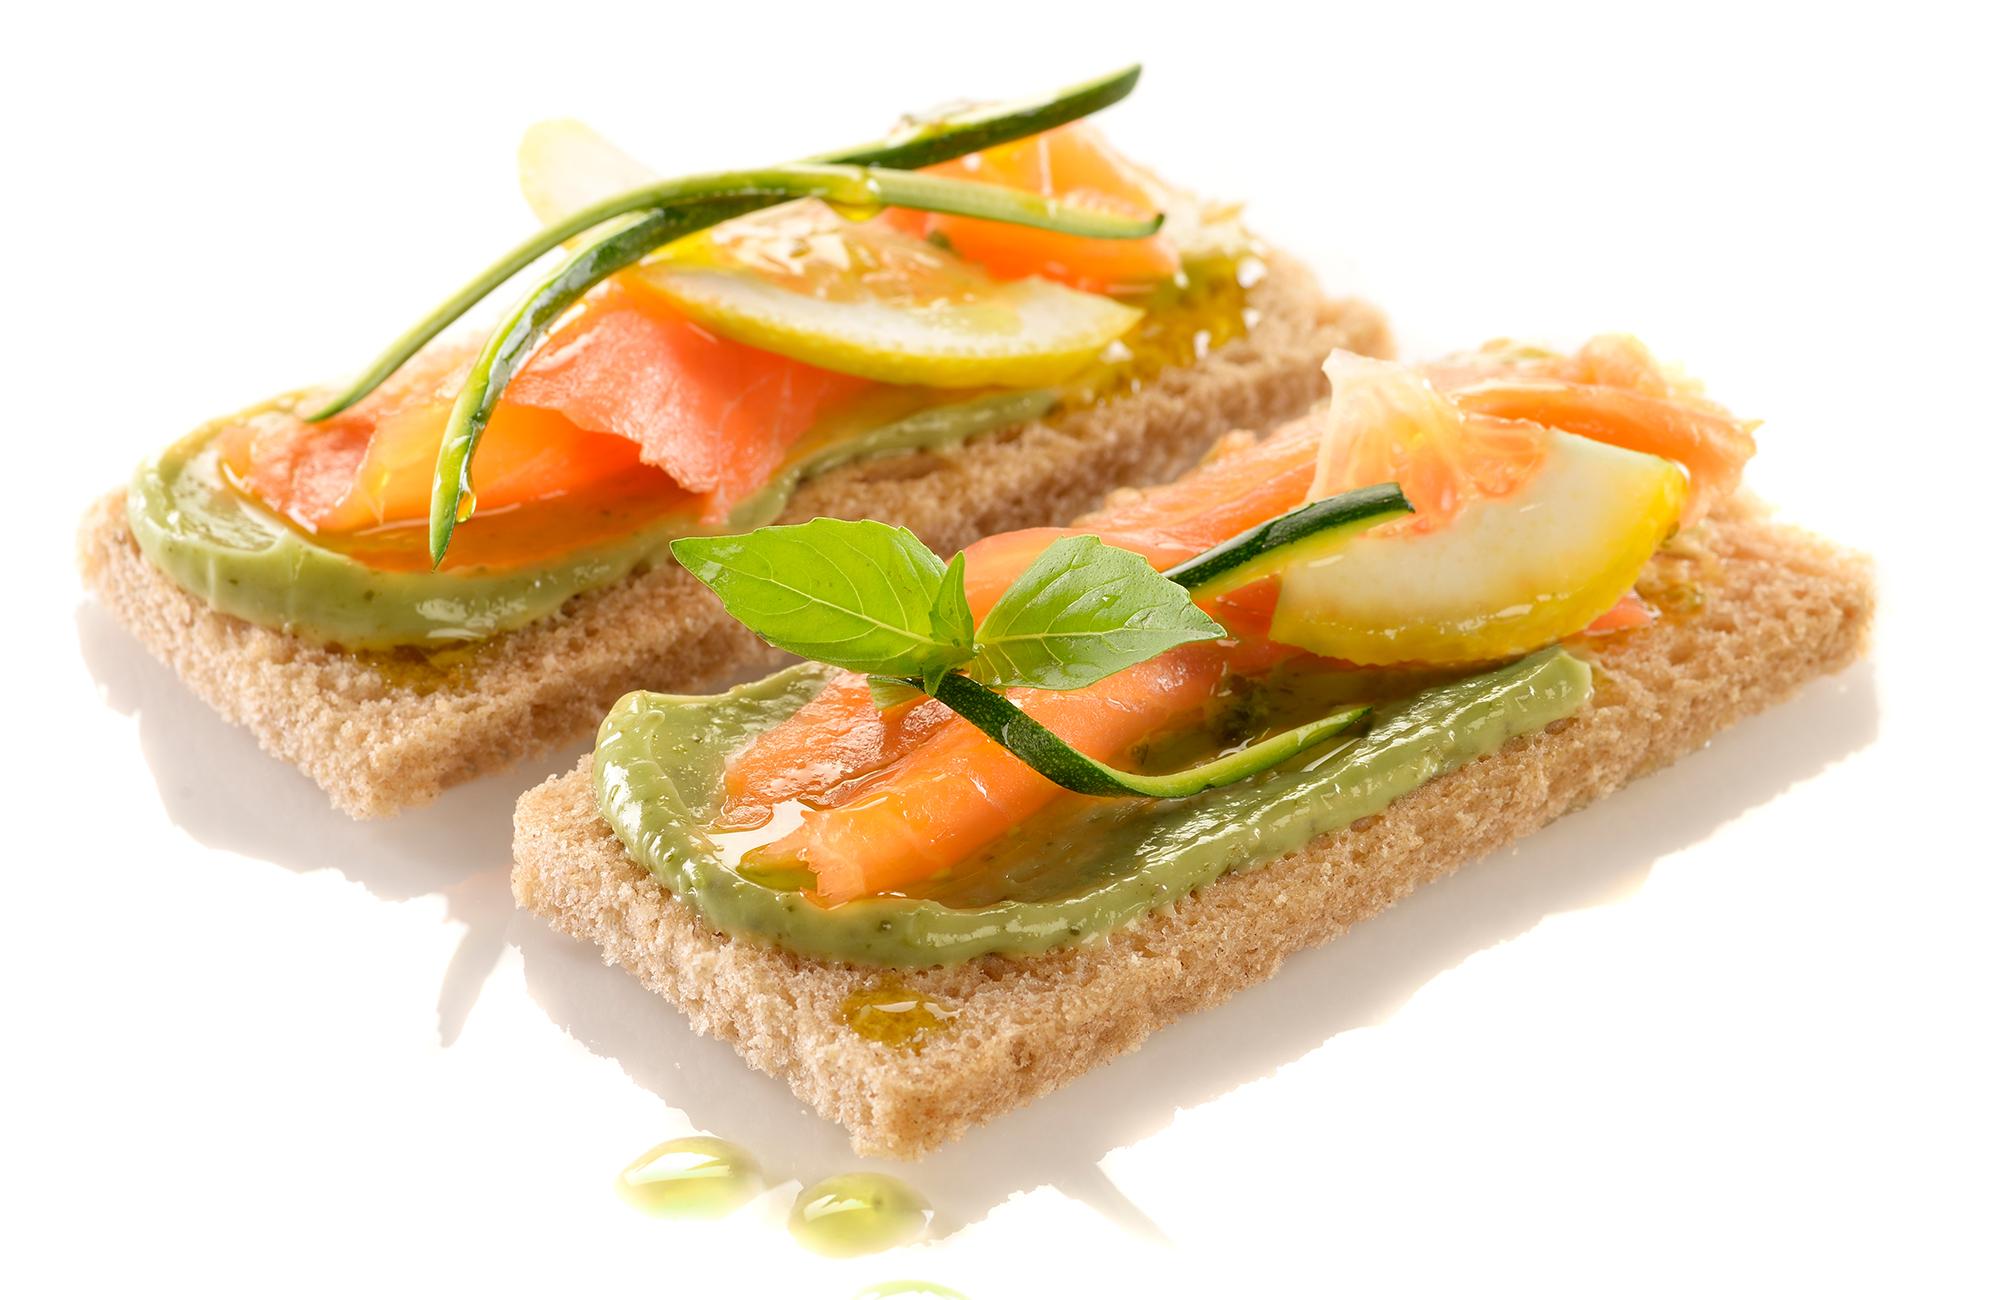 Crostoni di pane di segale con storione affumicato e crema di Pesto alla Genovese Ponti